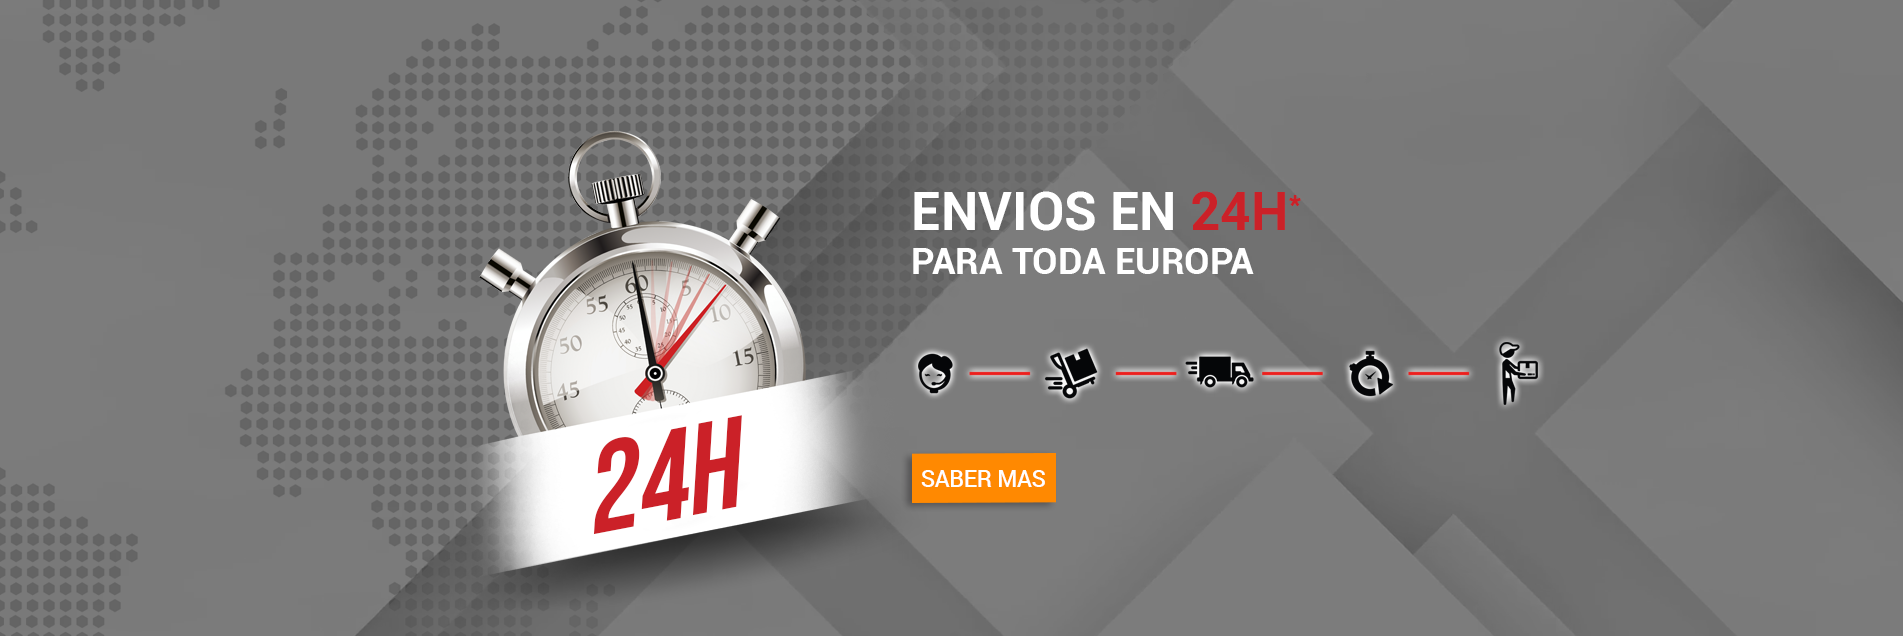 envios en 24h para toda europa